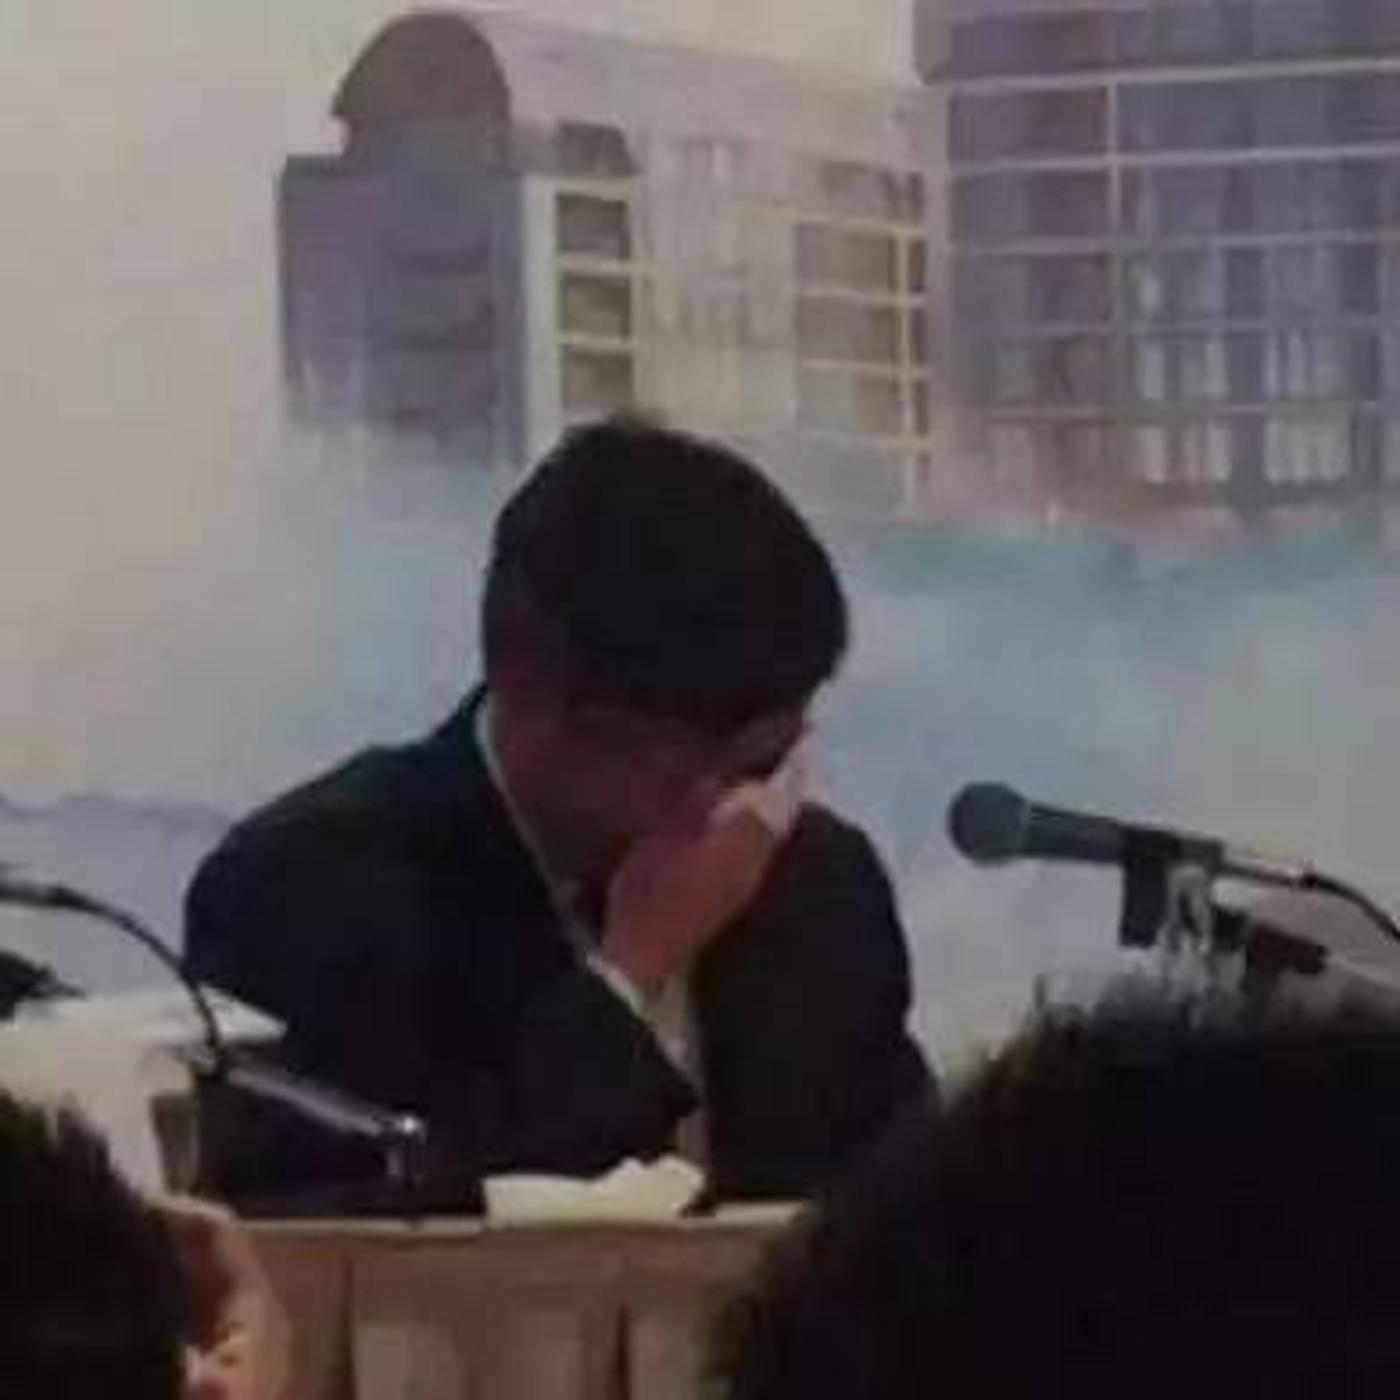 孙宏斌谈到笑视时落泪(图片来自网络)